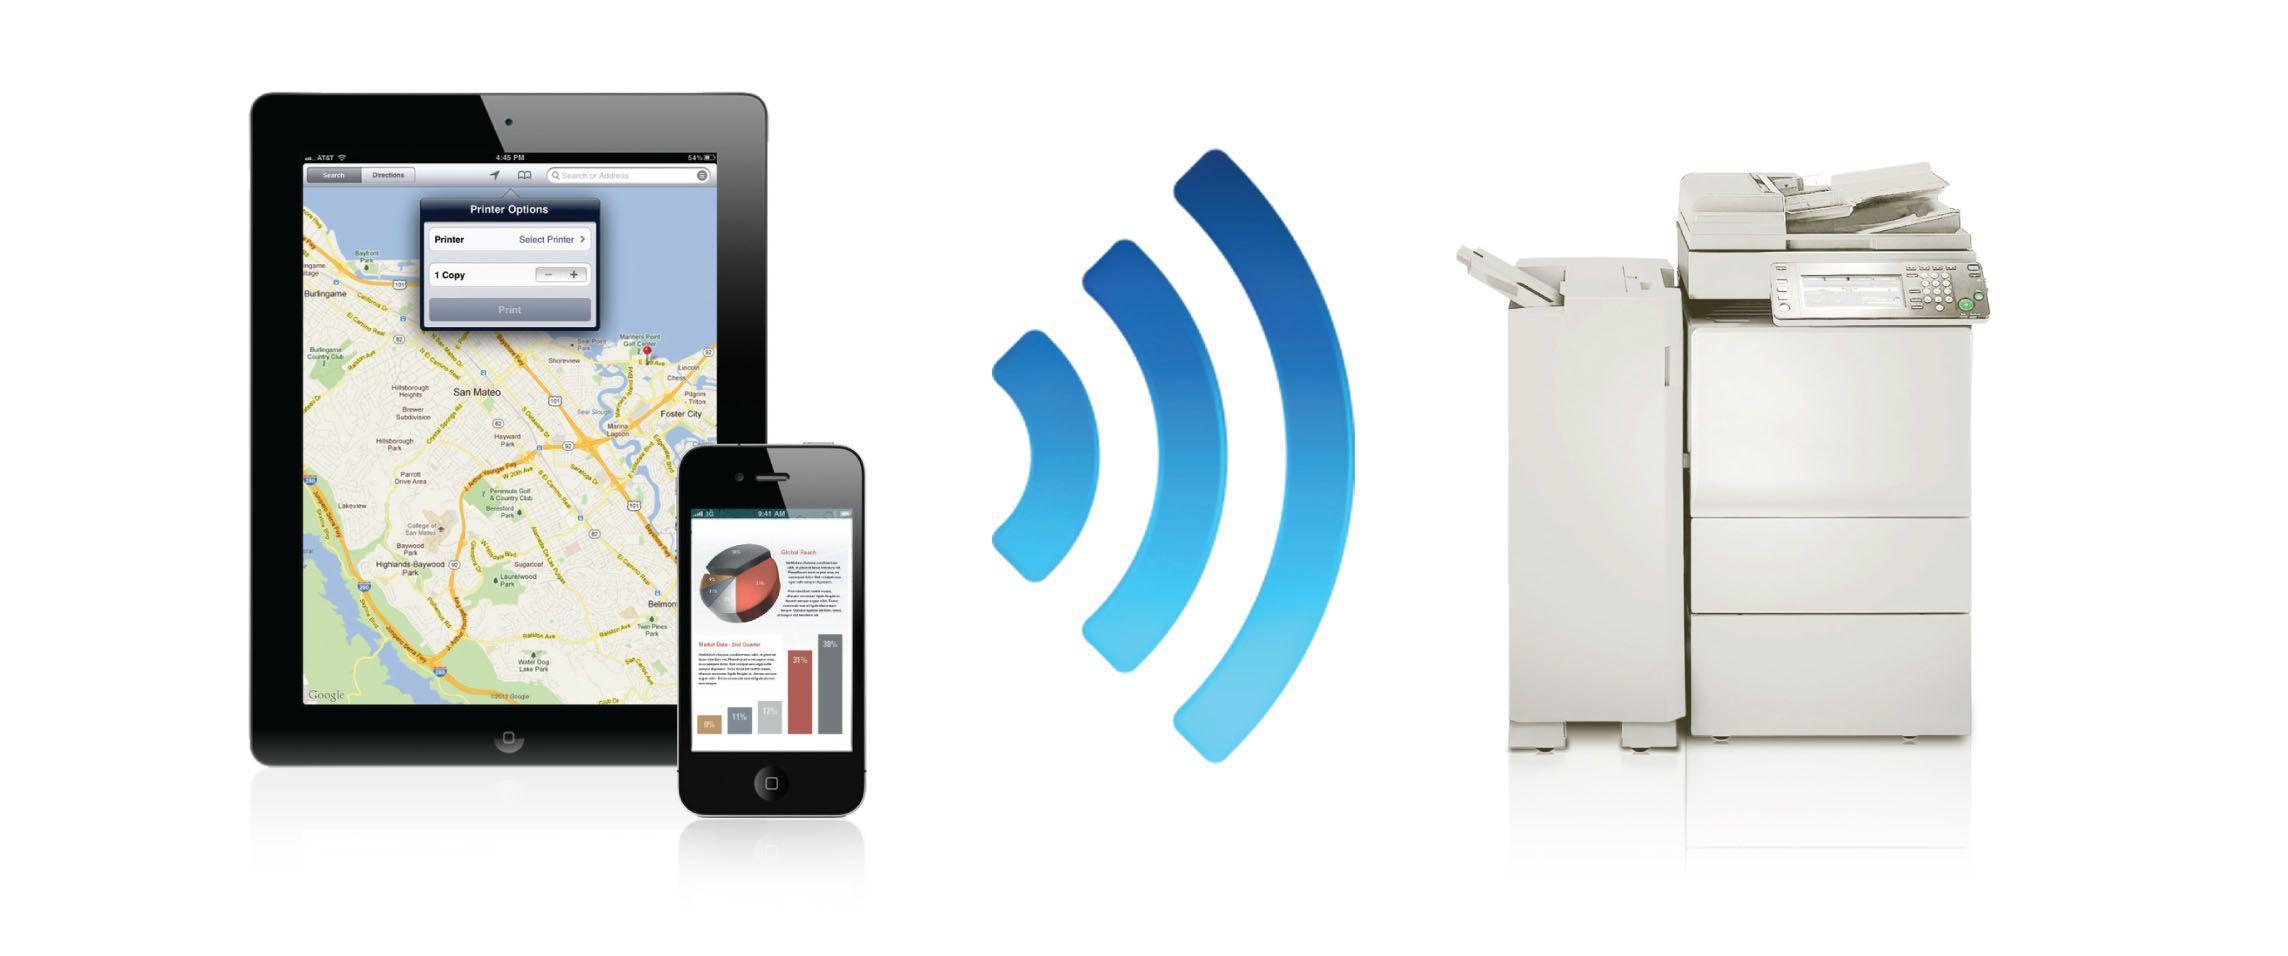 Le migliori stampanti Wifi per stampare comodamente e senza fili